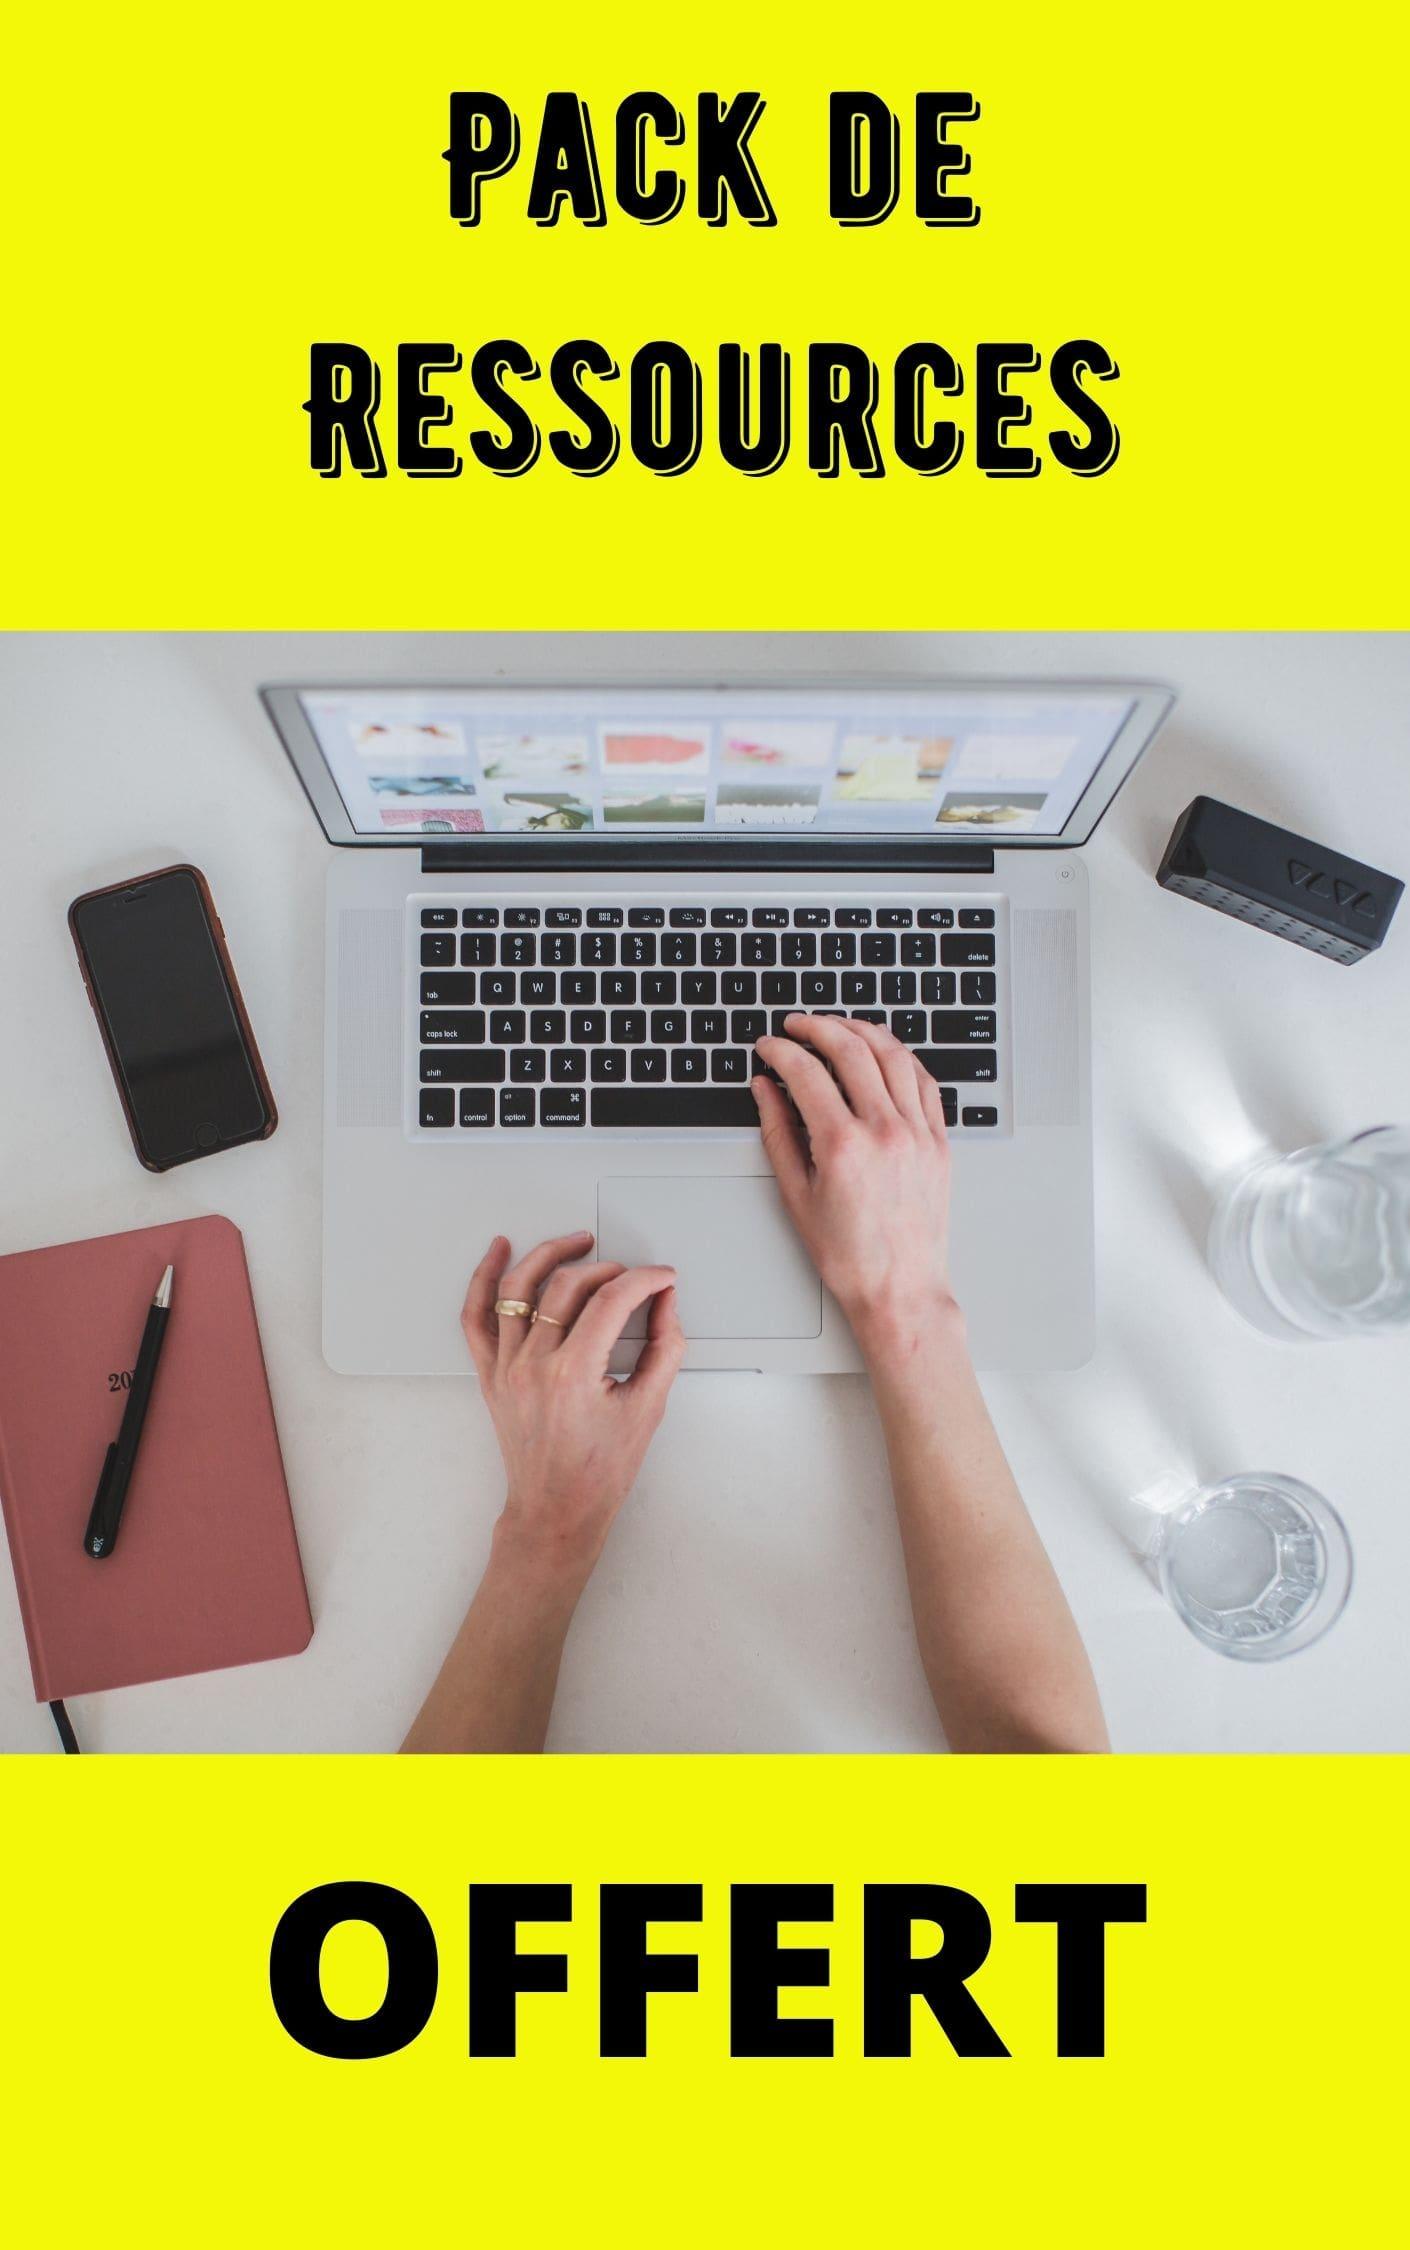 Télécharge ton pack de Ressources Ebook et outils gratuit pour ton business